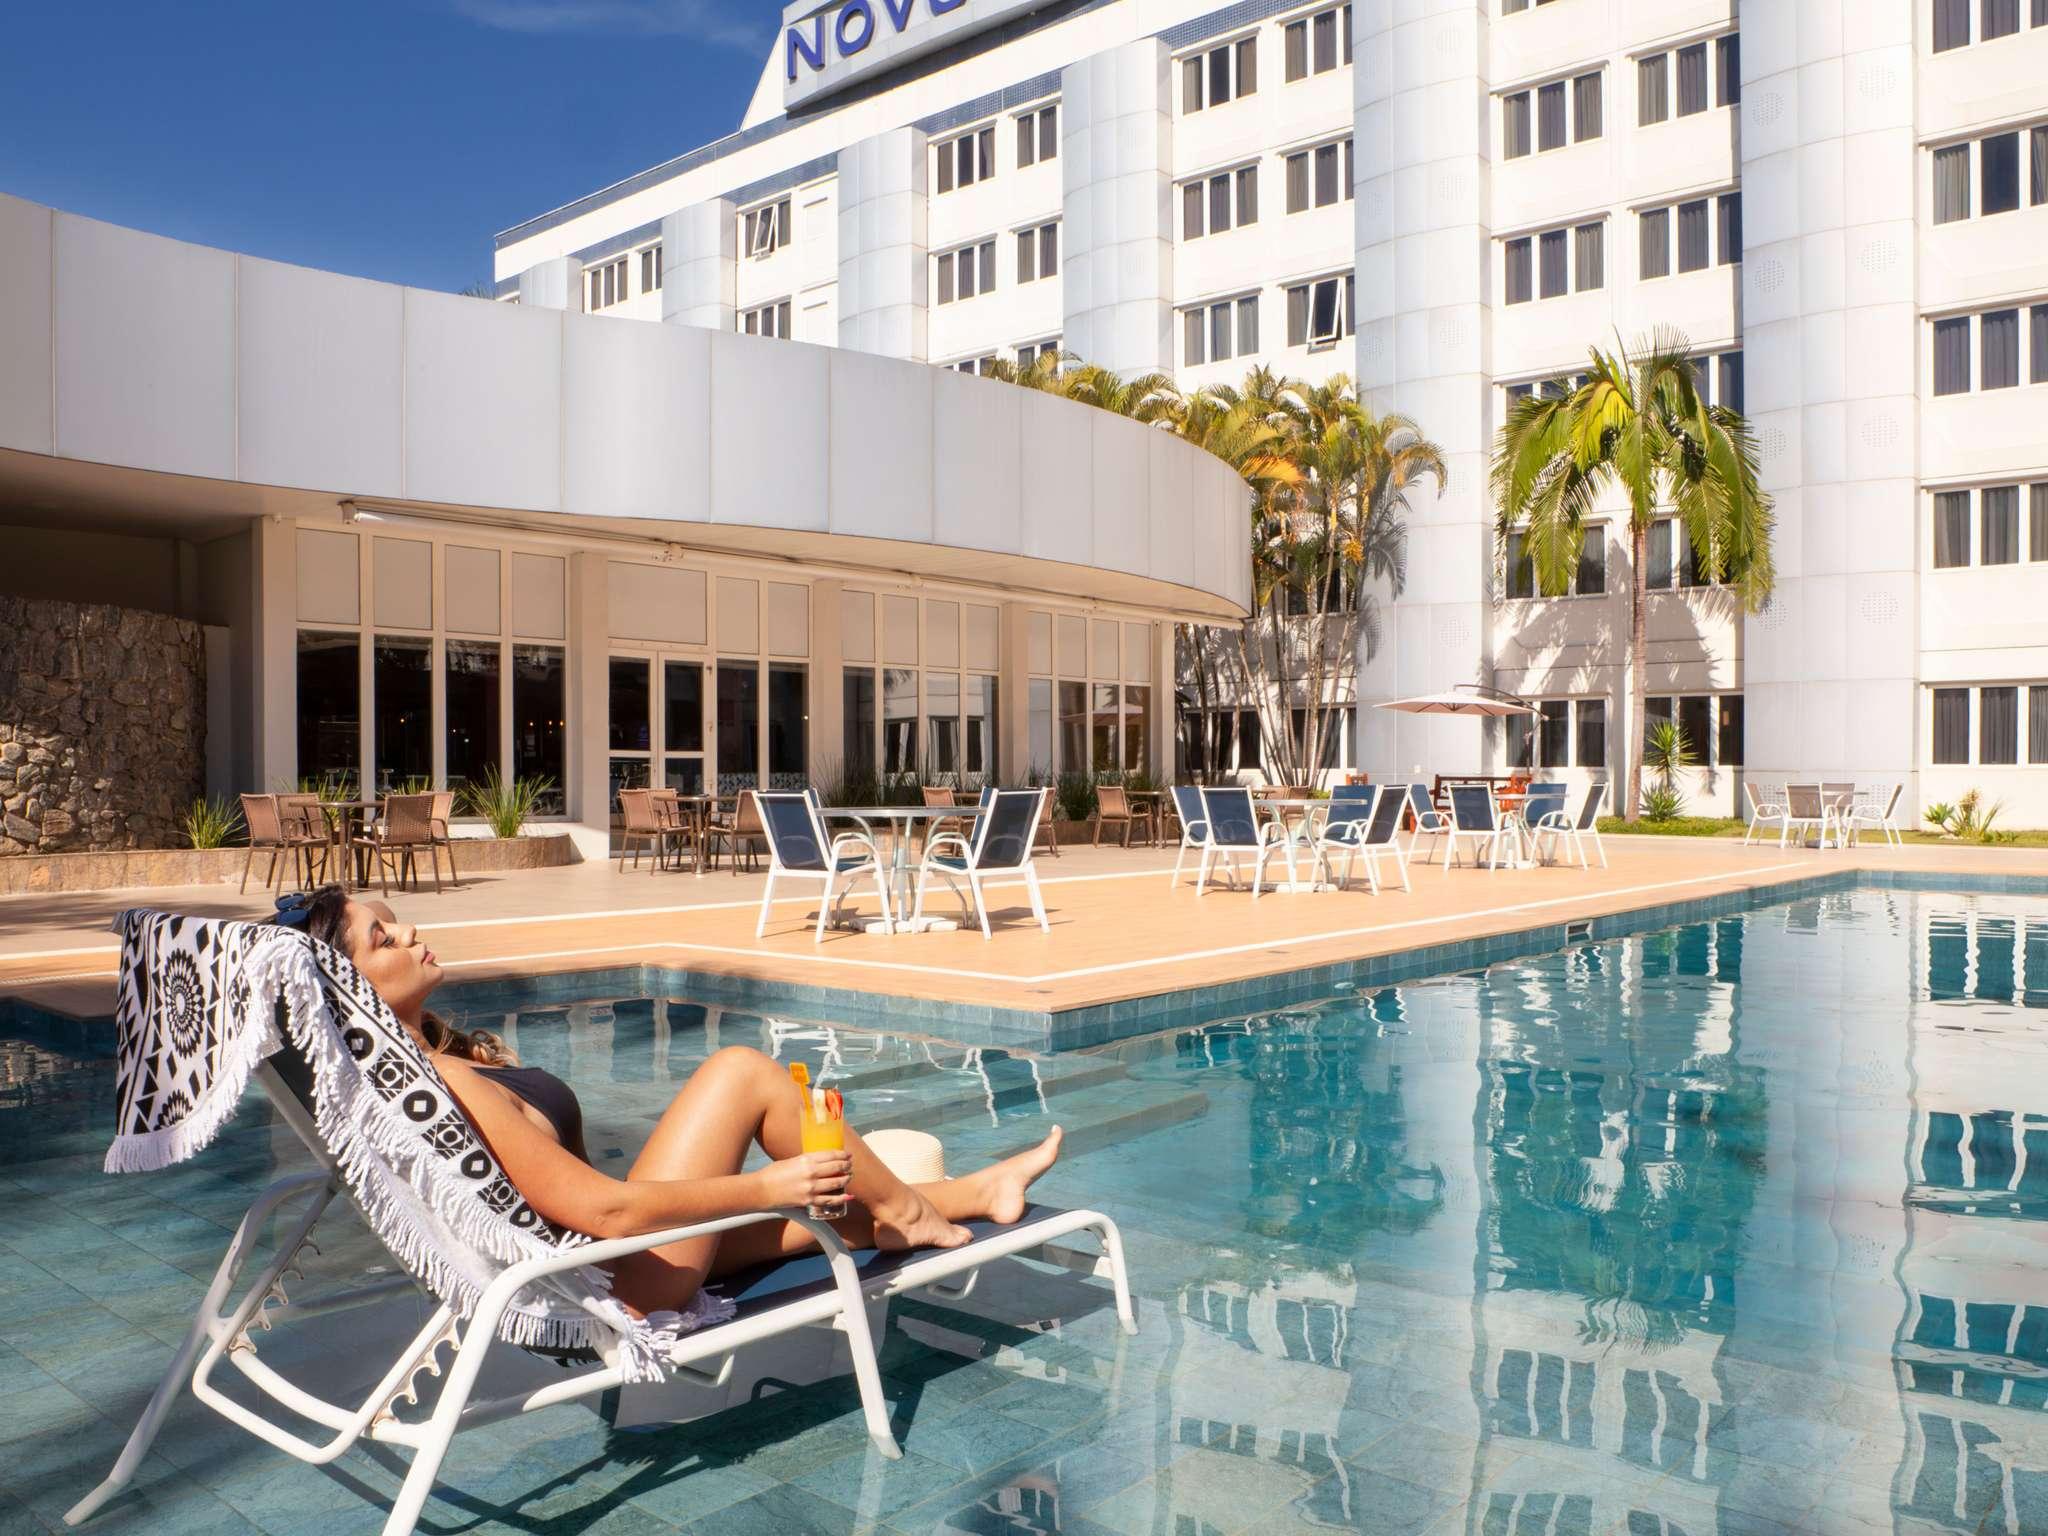 Hotel – Novotel São José dos Campos